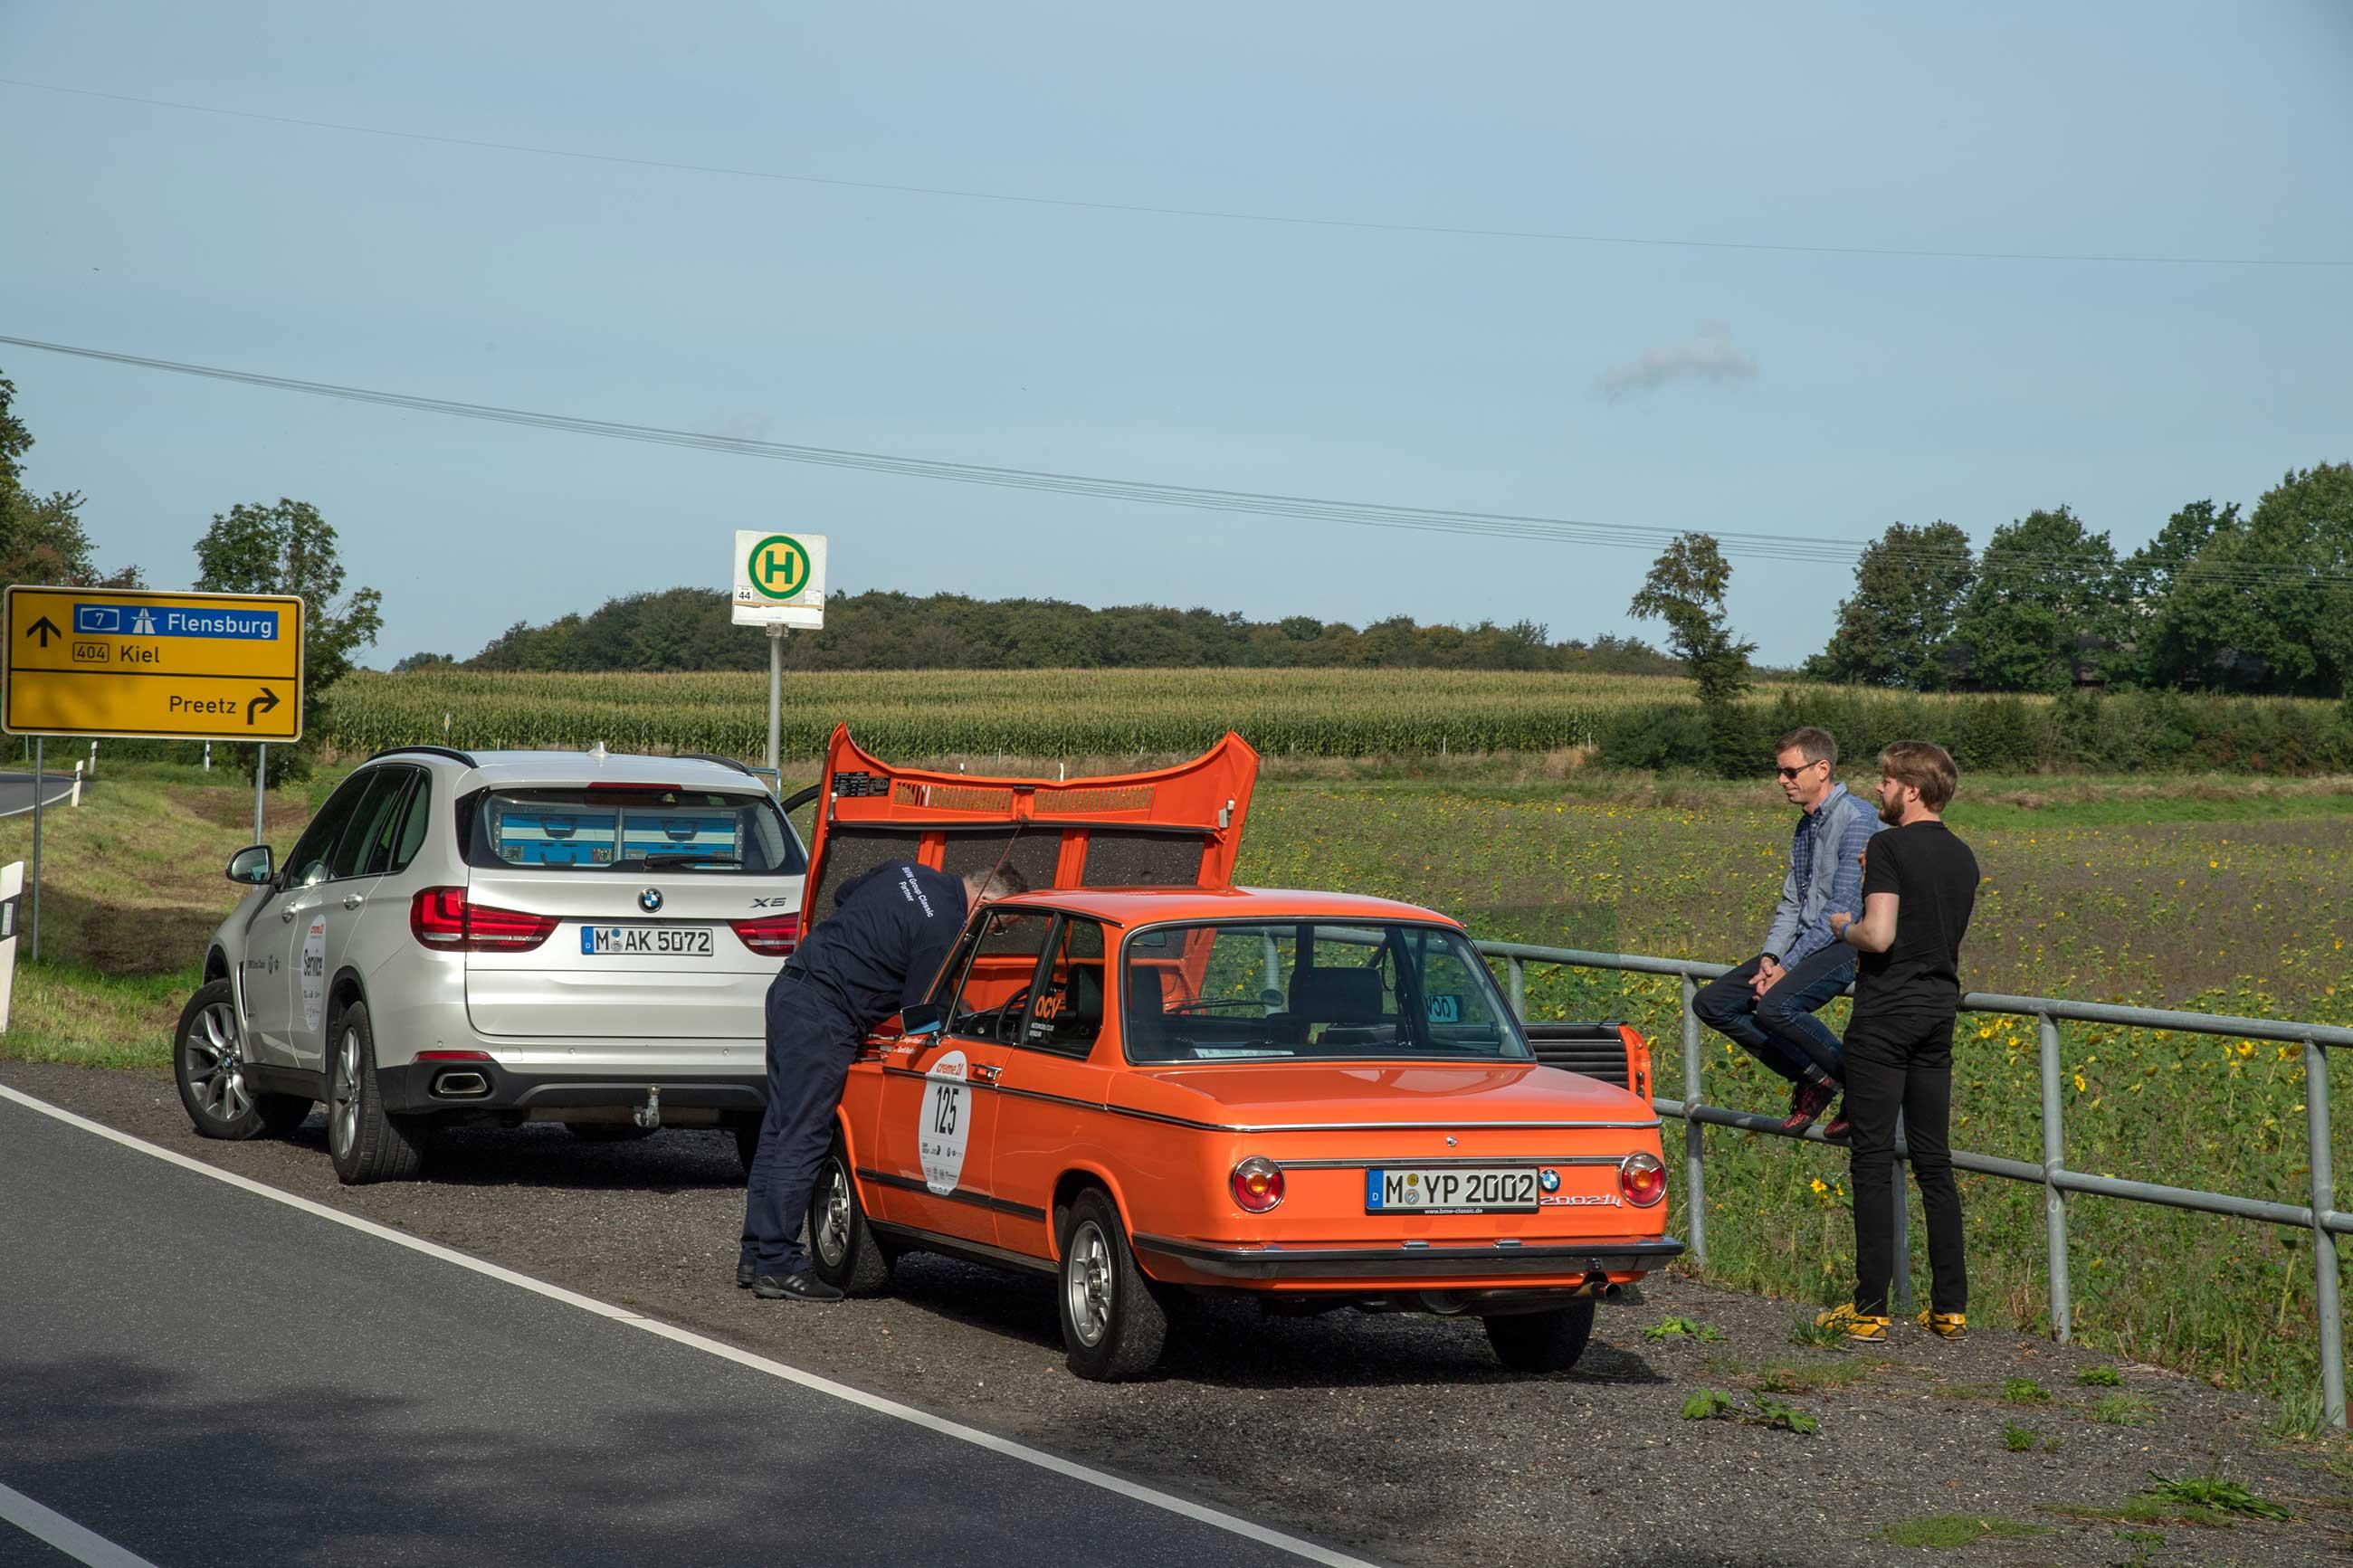 Bericht: Meine Teilnahme an der Creme 21 Youngtimer Rallye 2019 Creme-21-Youngtimer-Rallye-2019_Nachbericht_106